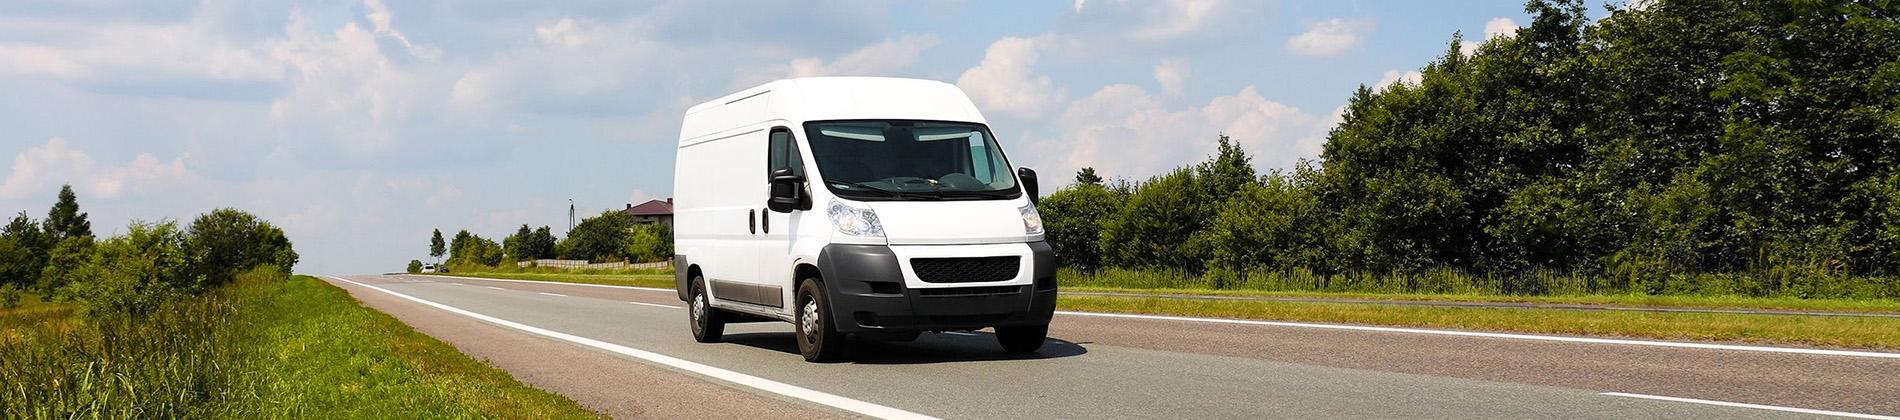 Commercial Motor Insurance - Ashbourne Insurance